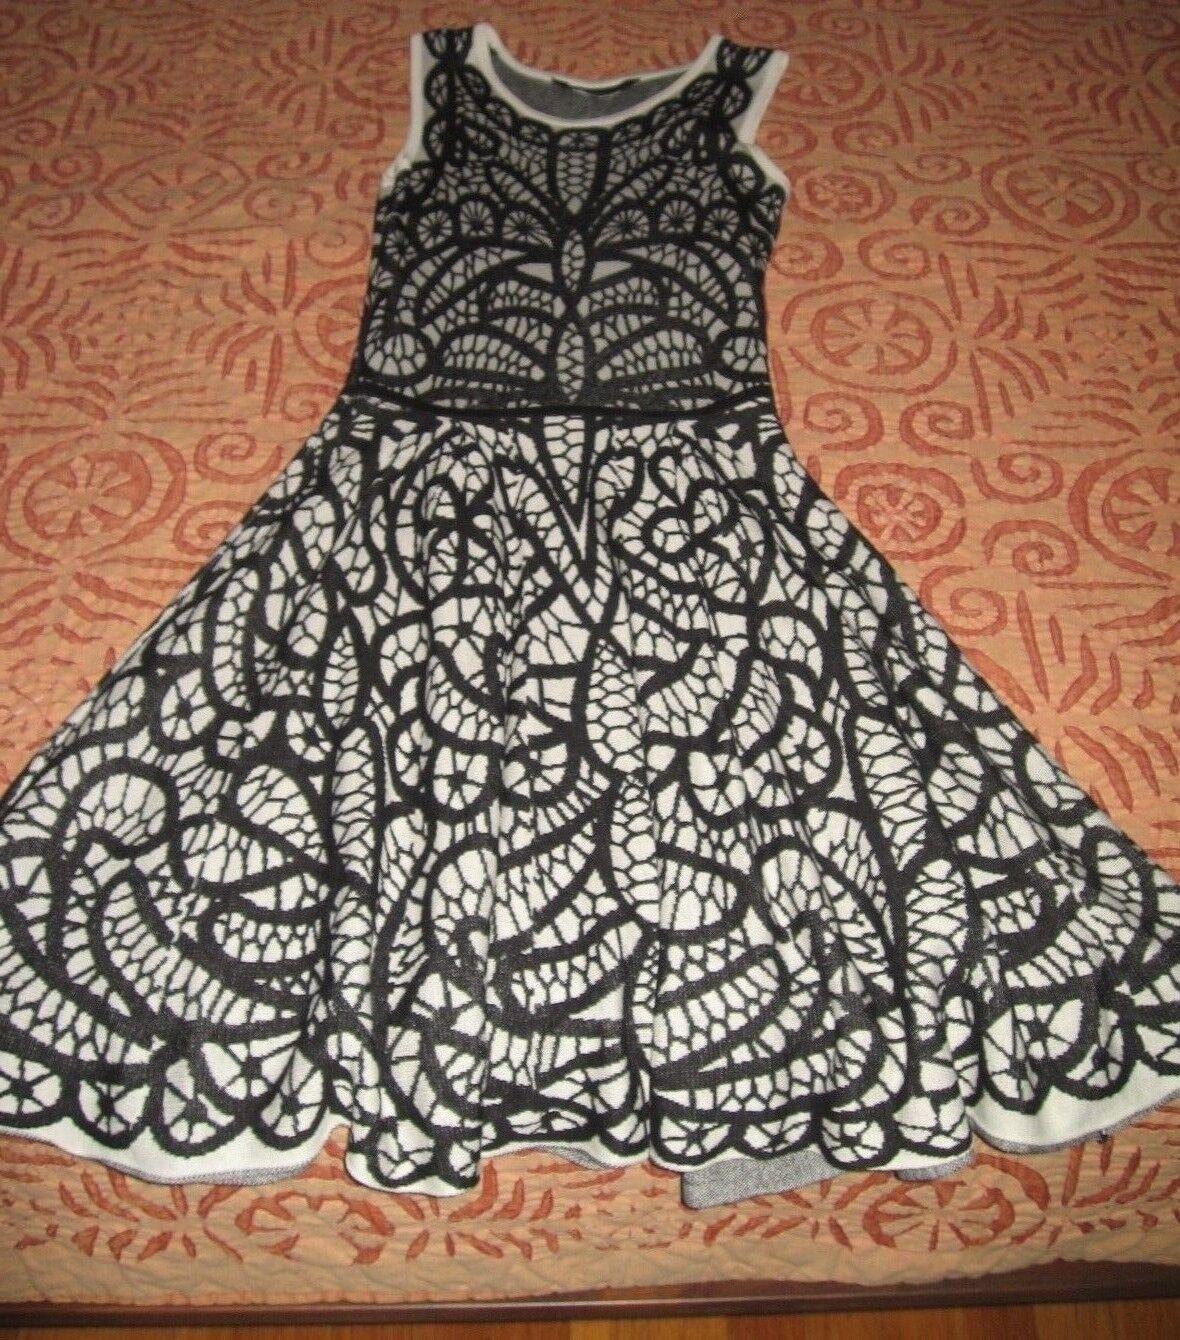 BCBGMAXAZRIA Knit Jacquard A-Line Dress size XS  Retail